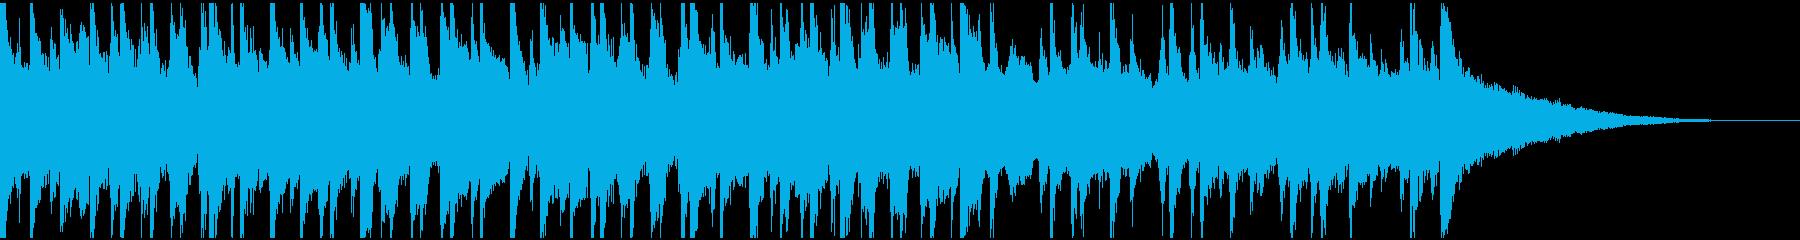 30秒ウクレレ、リコーダーの楽しい楽曲の再生済みの波形